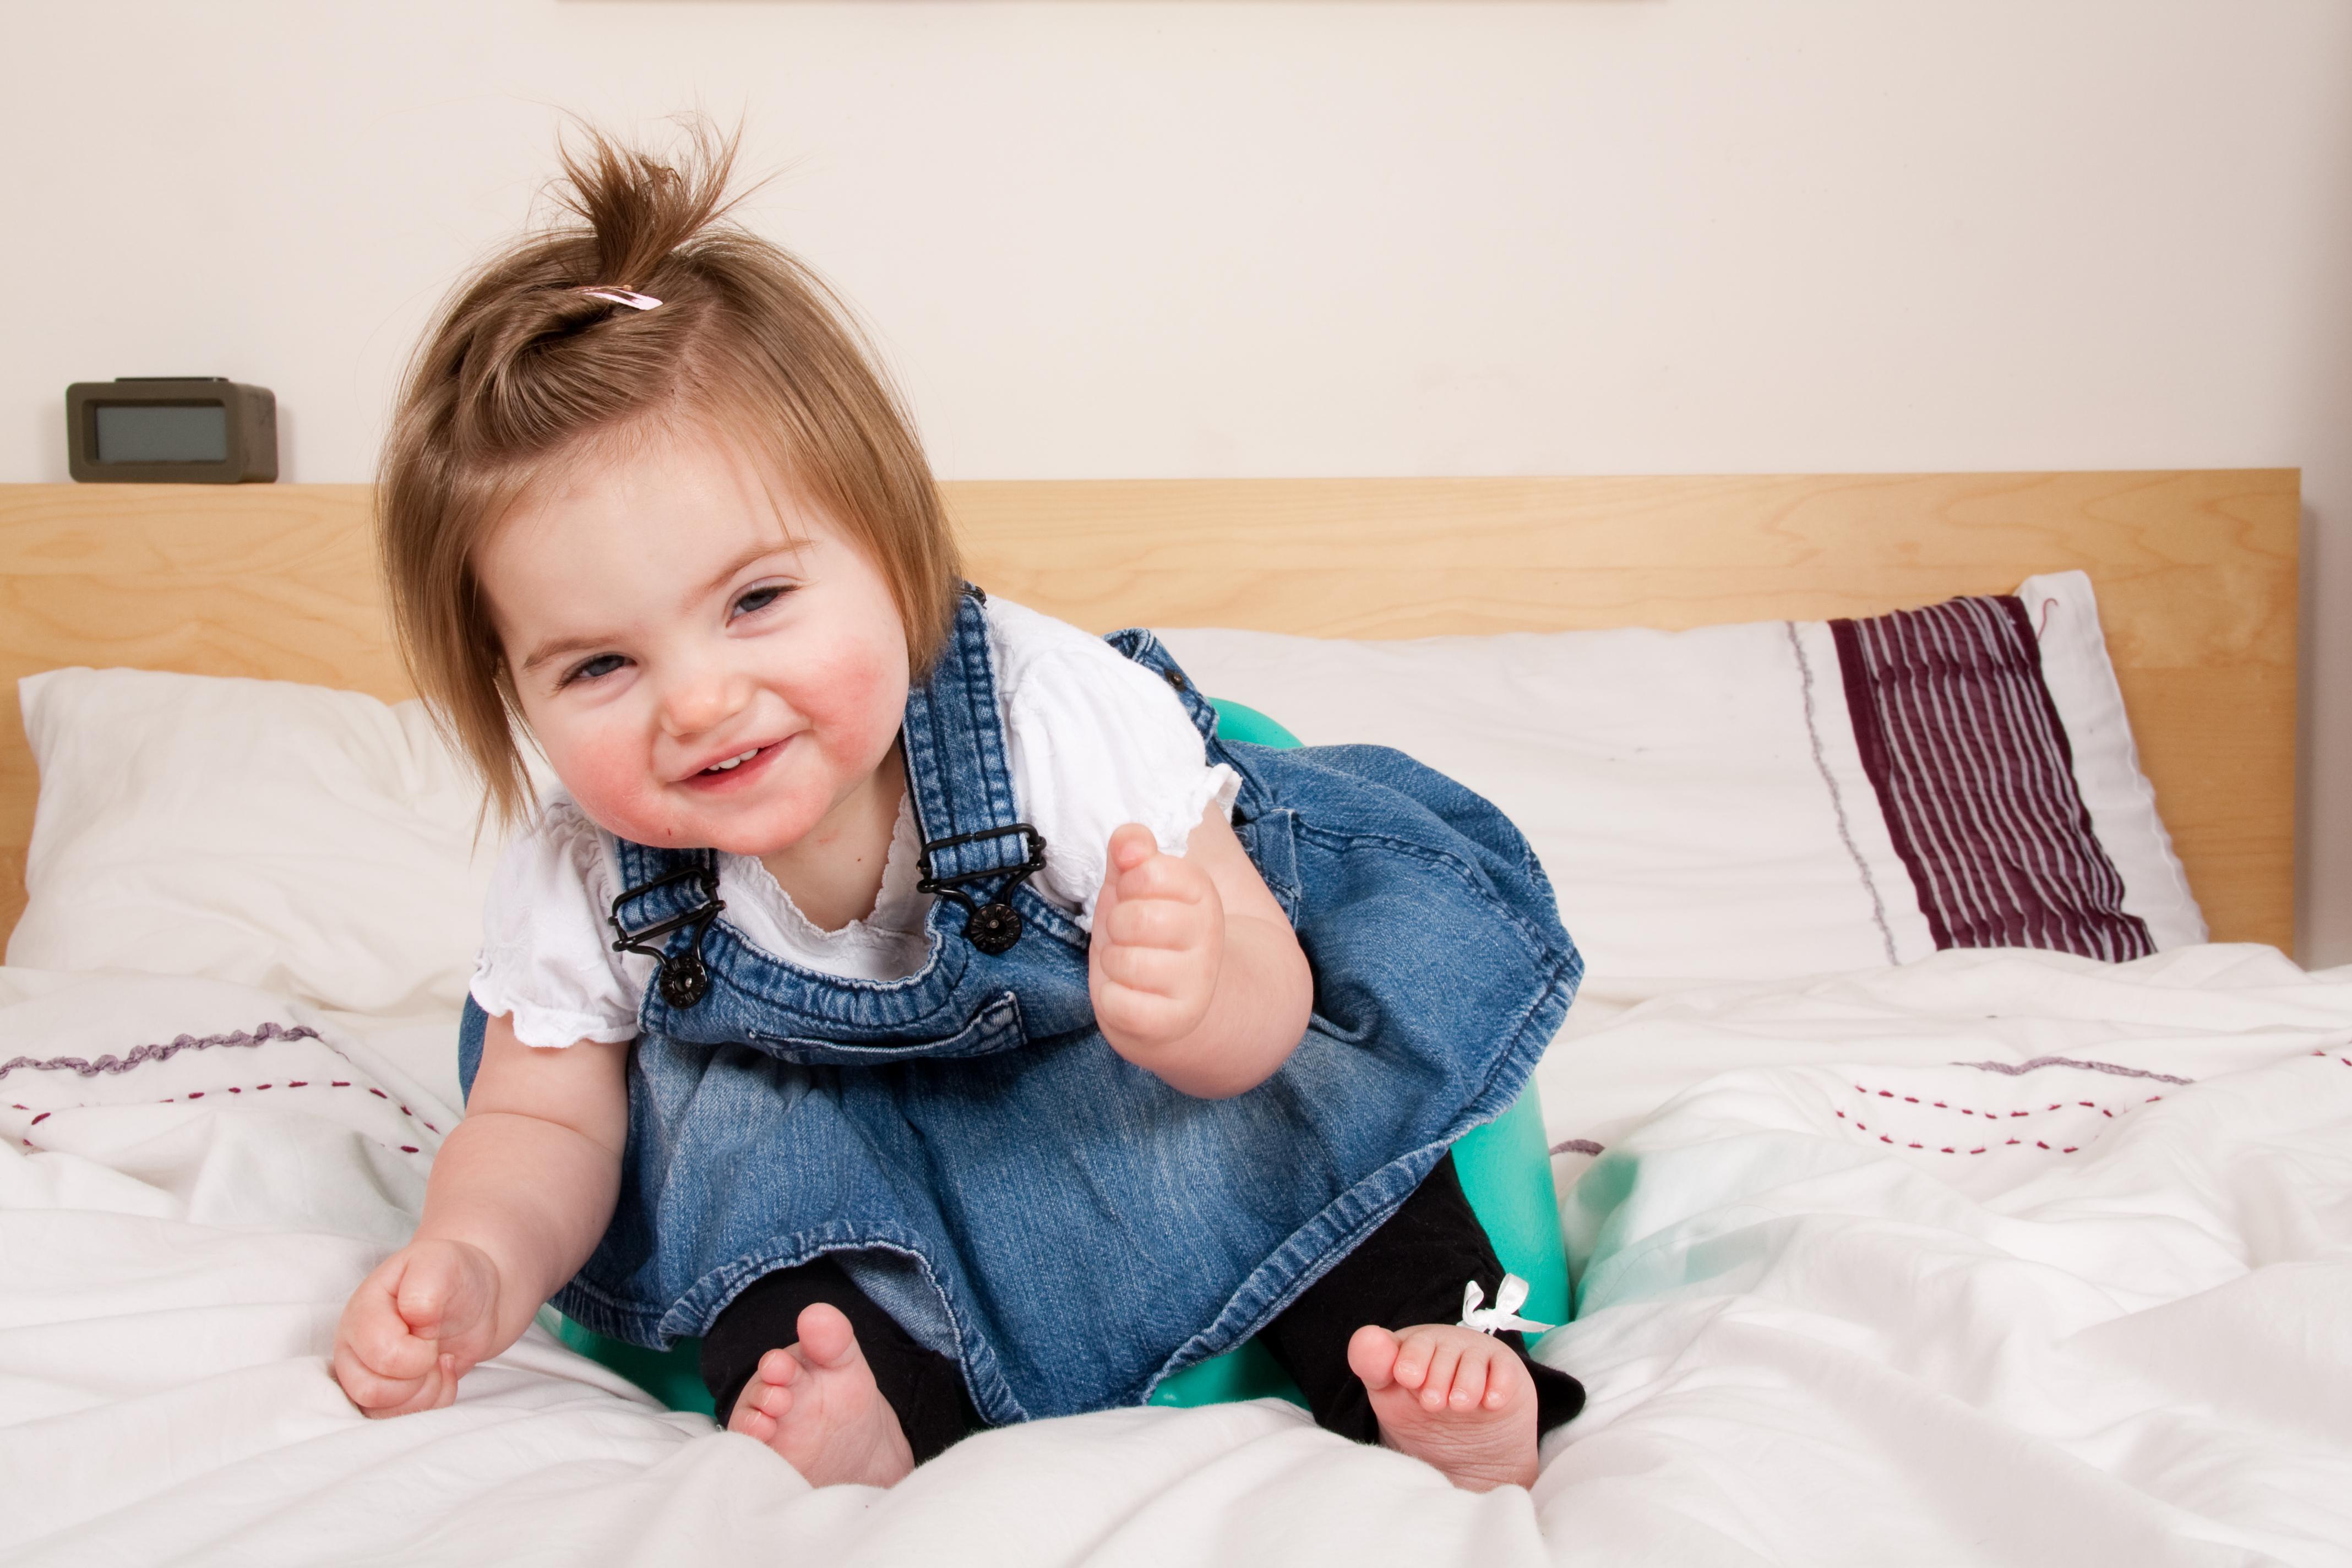 Синдром ретта у детей: что это такое, симптомы и лечение, продолжительность жизни, прогноз